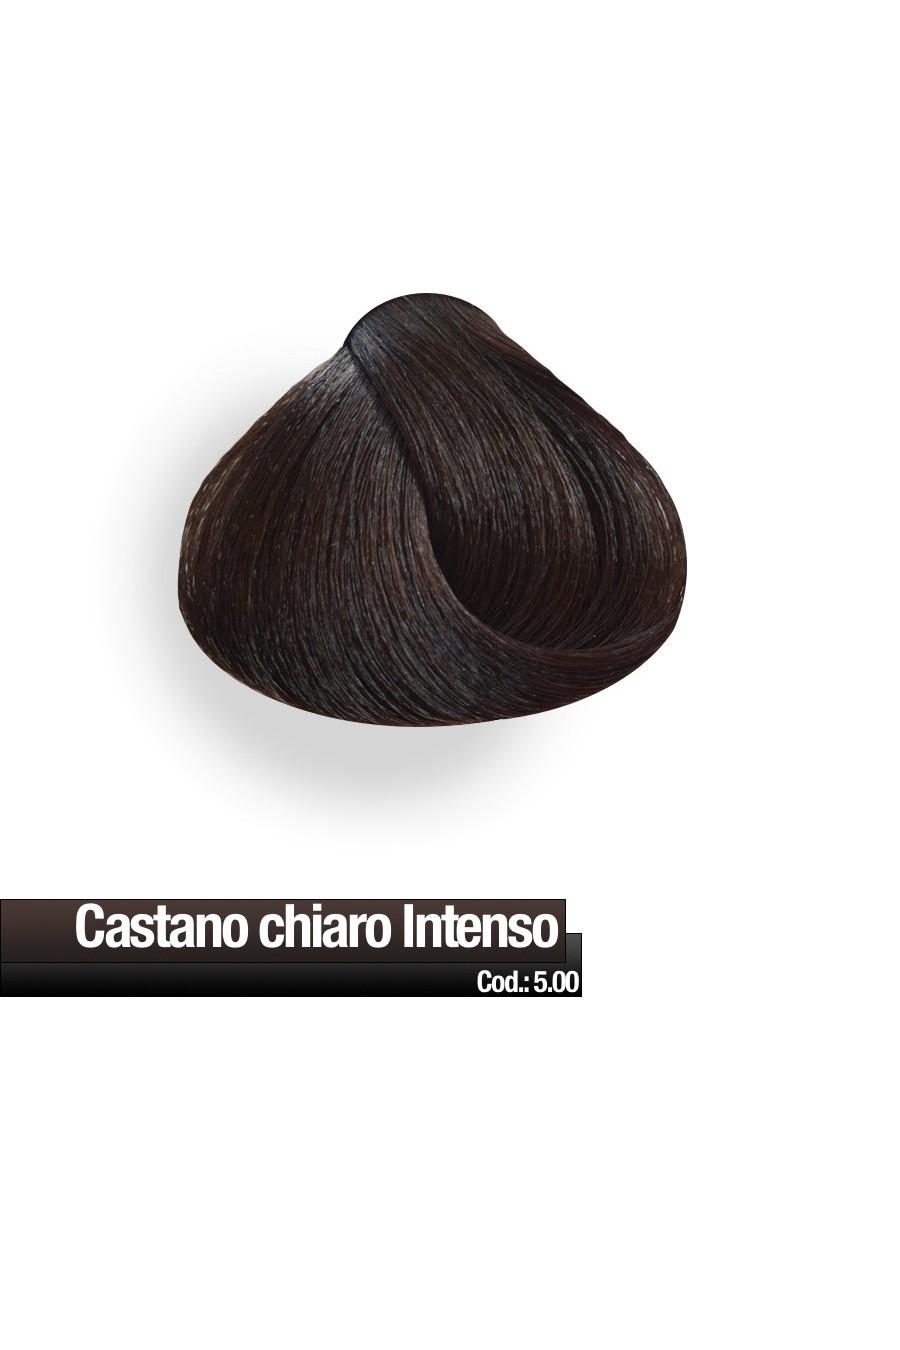 CREMA COLORE 5.00 CASTANO CHIARO INTENSO RR